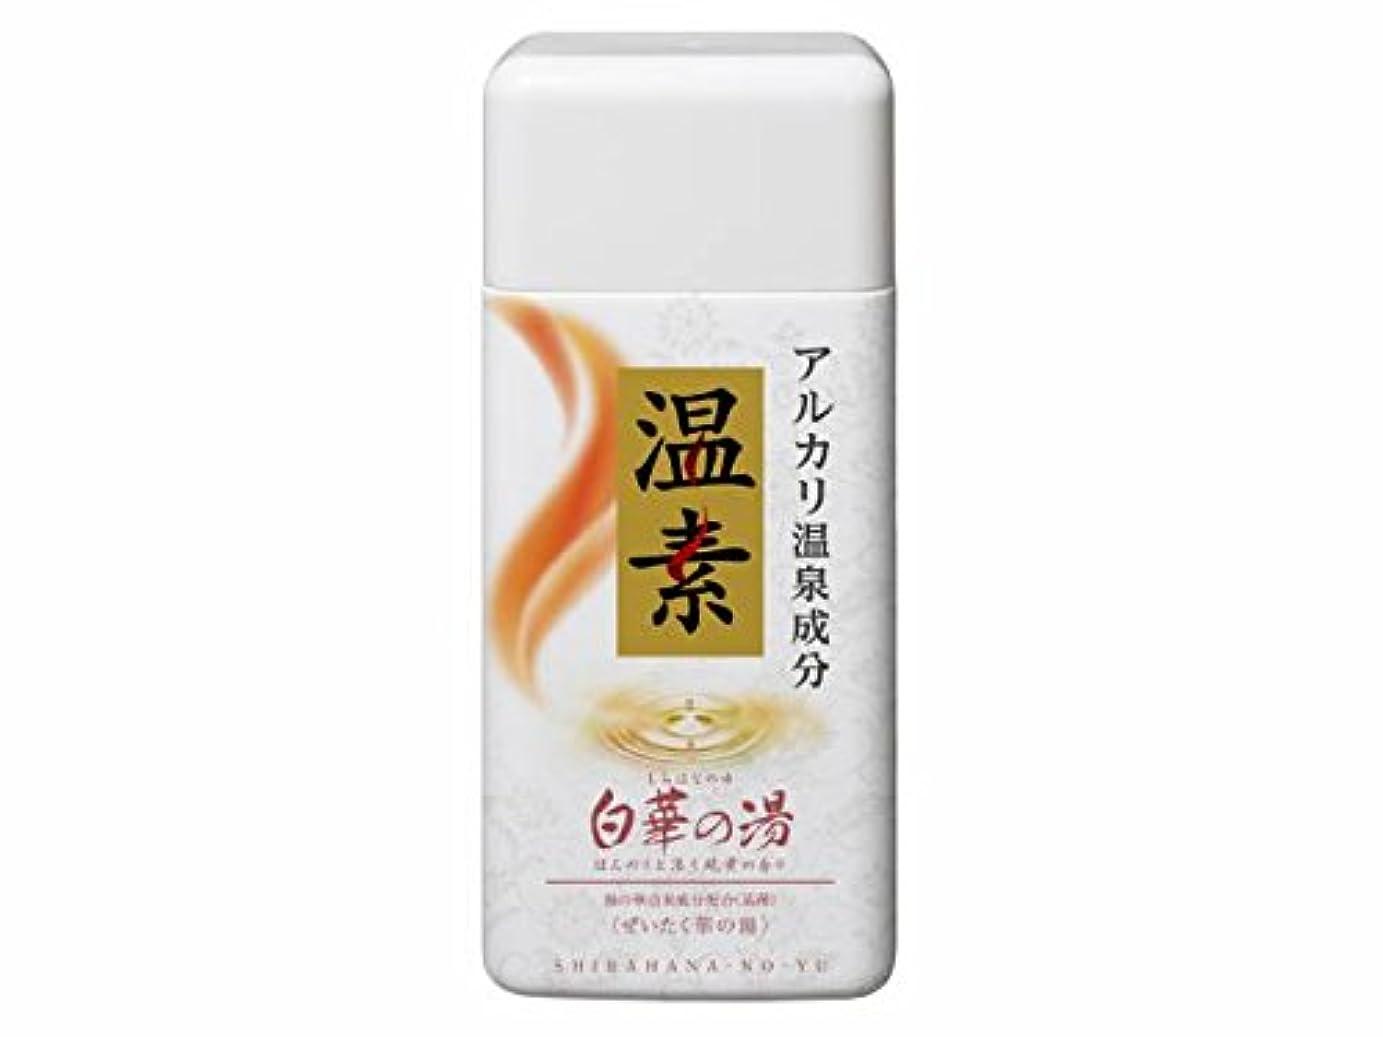 画面巨大失効アース製薬 温素 白華の湯 600g×16点セット  医薬部外品 白く輝くなめらかな「硫黄の湯」の極上の湯ざわりを追求した入浴剤